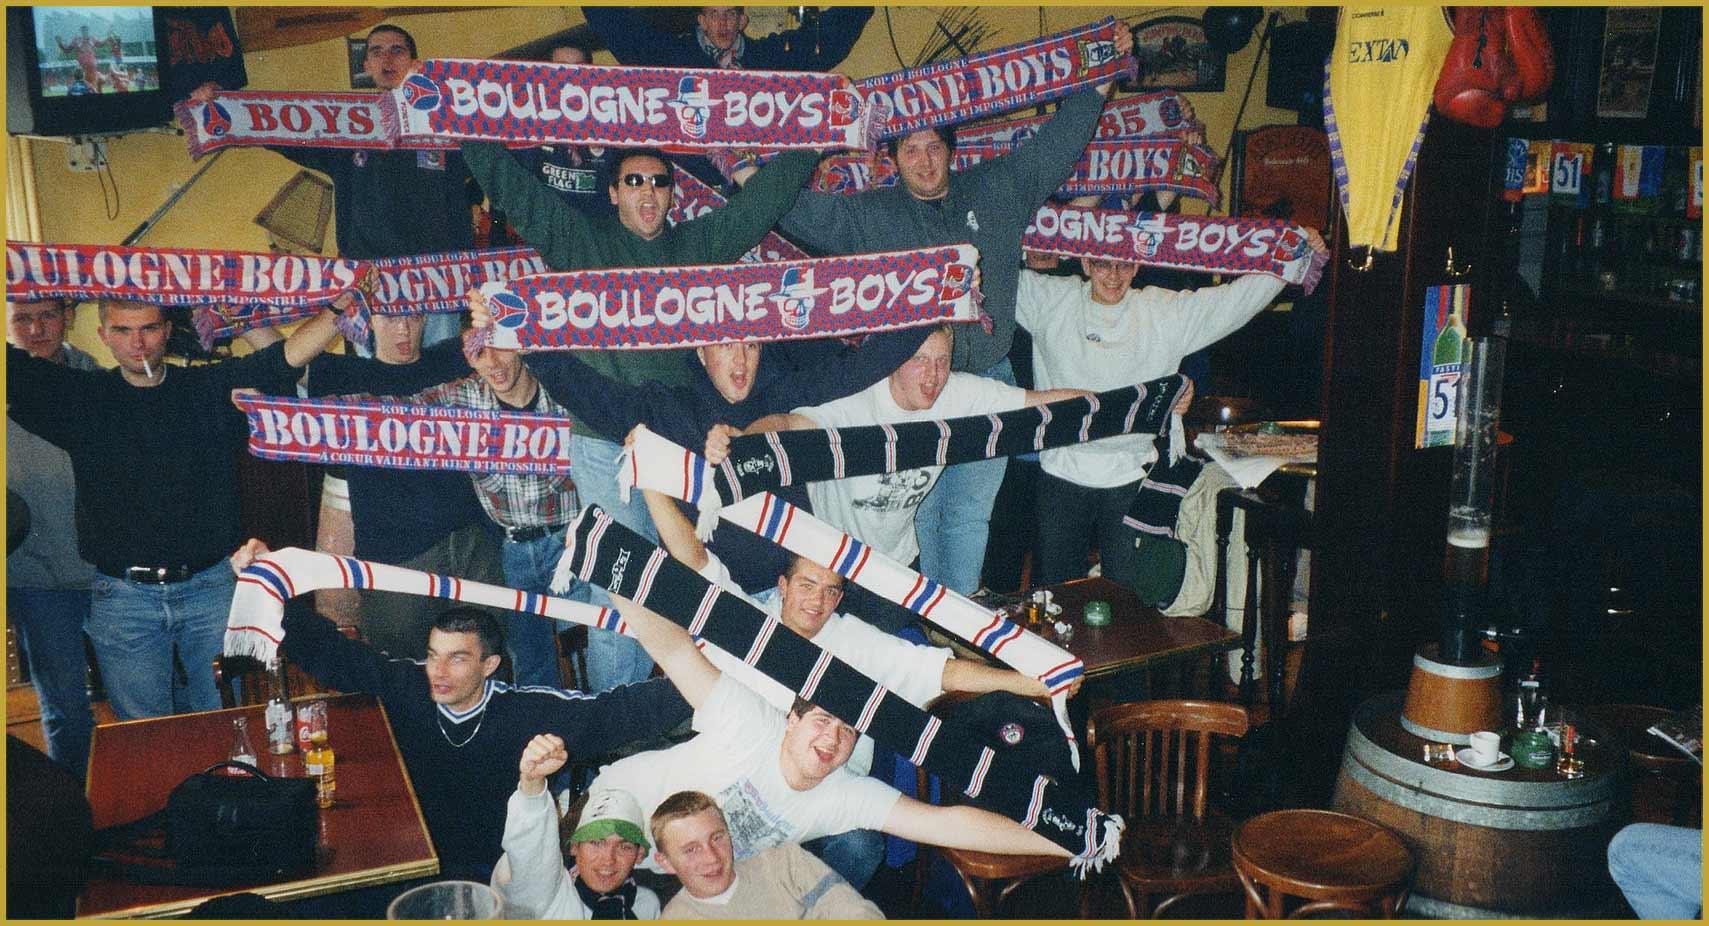 ITW Zavatt, Capo des Boulogne Boys Virage PSG